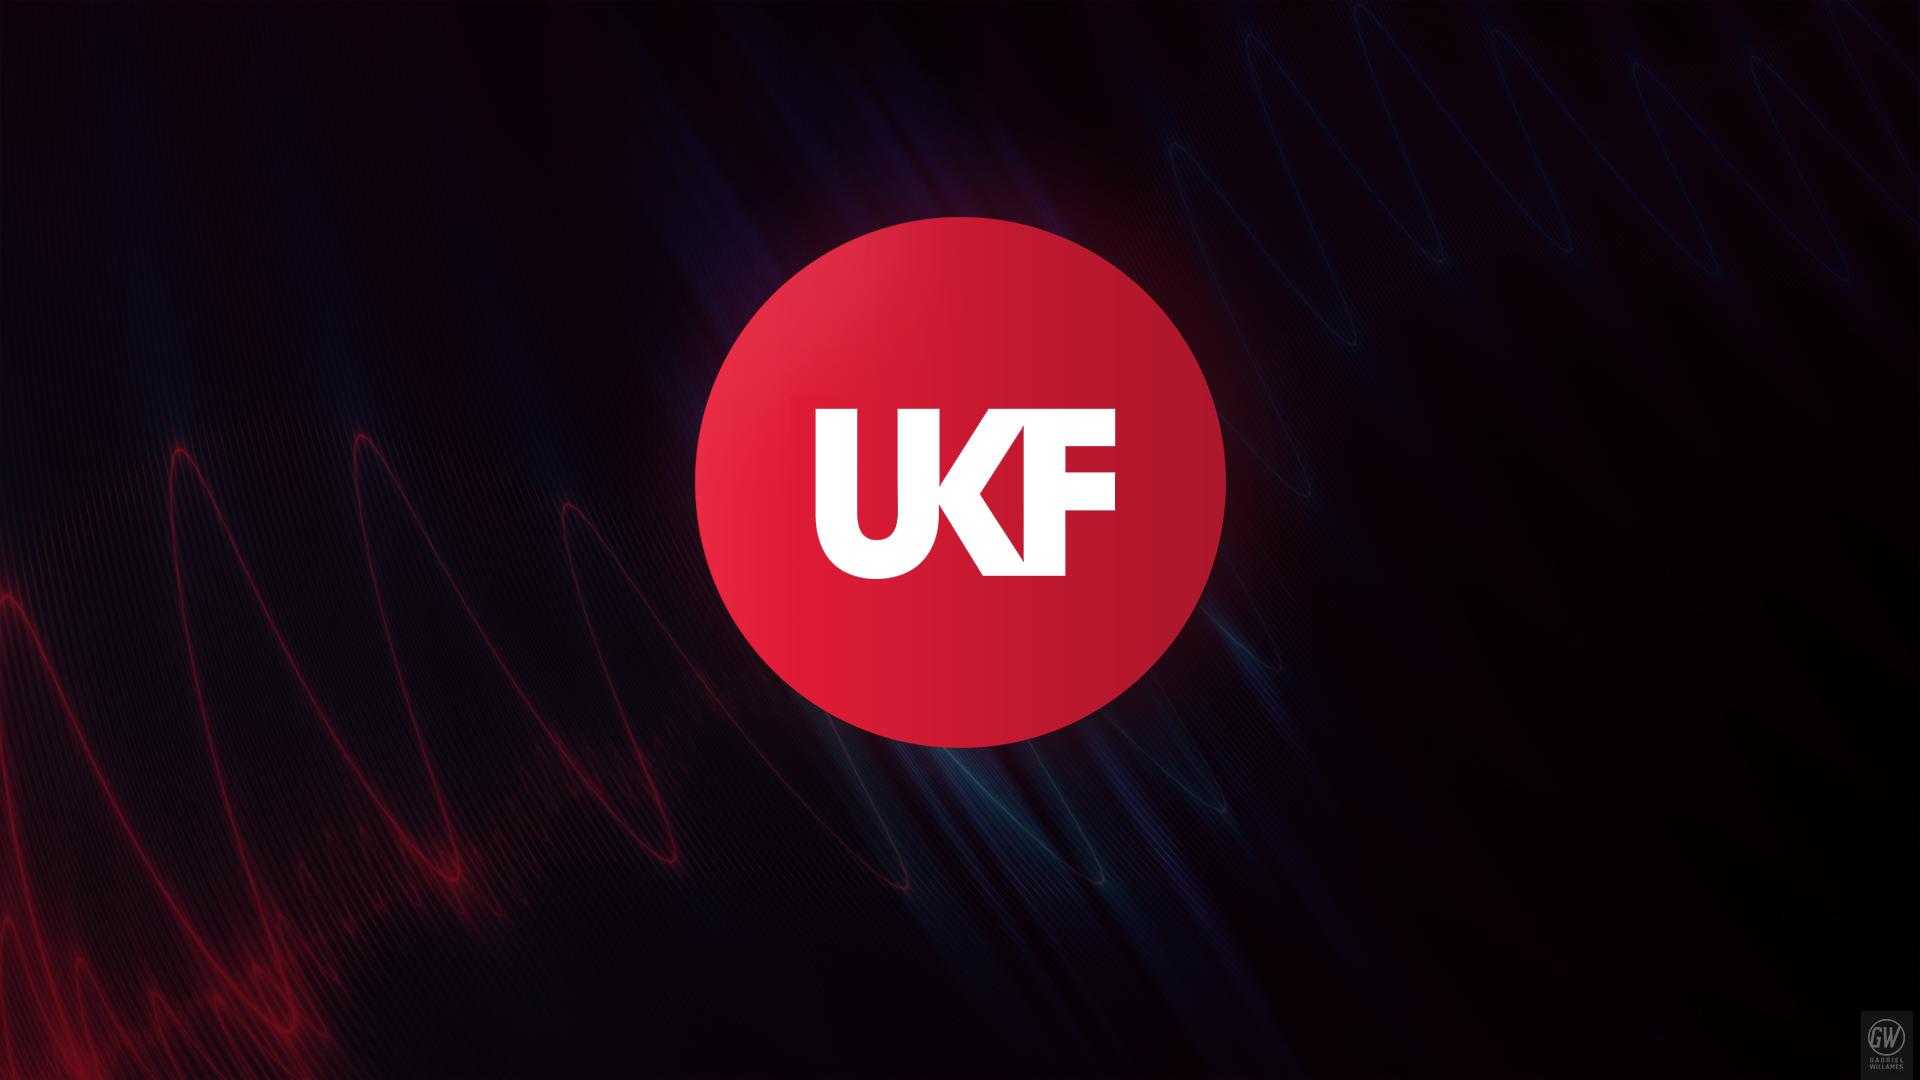 Ukf Music Fondo De Pantalla Hd Fondo De Escritorio